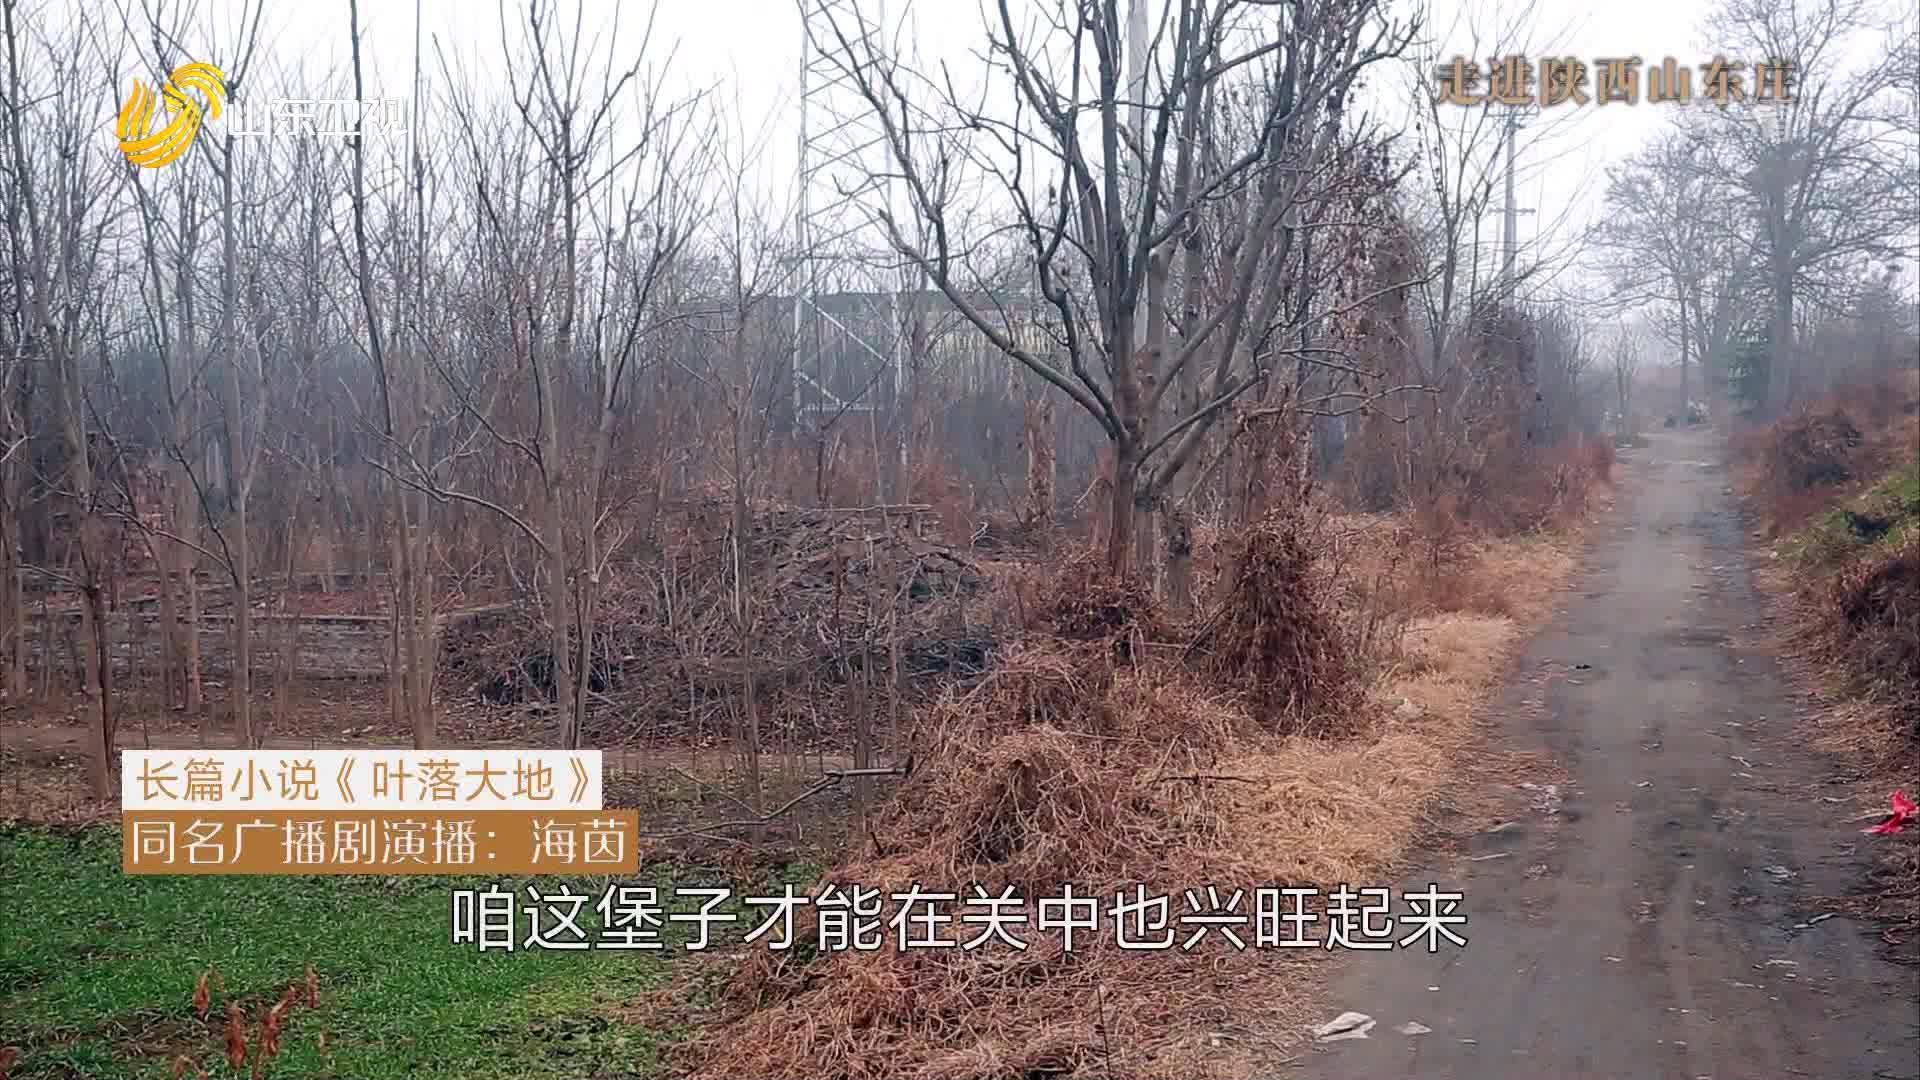 20210222《此时此刻》:走进陕西山东庄